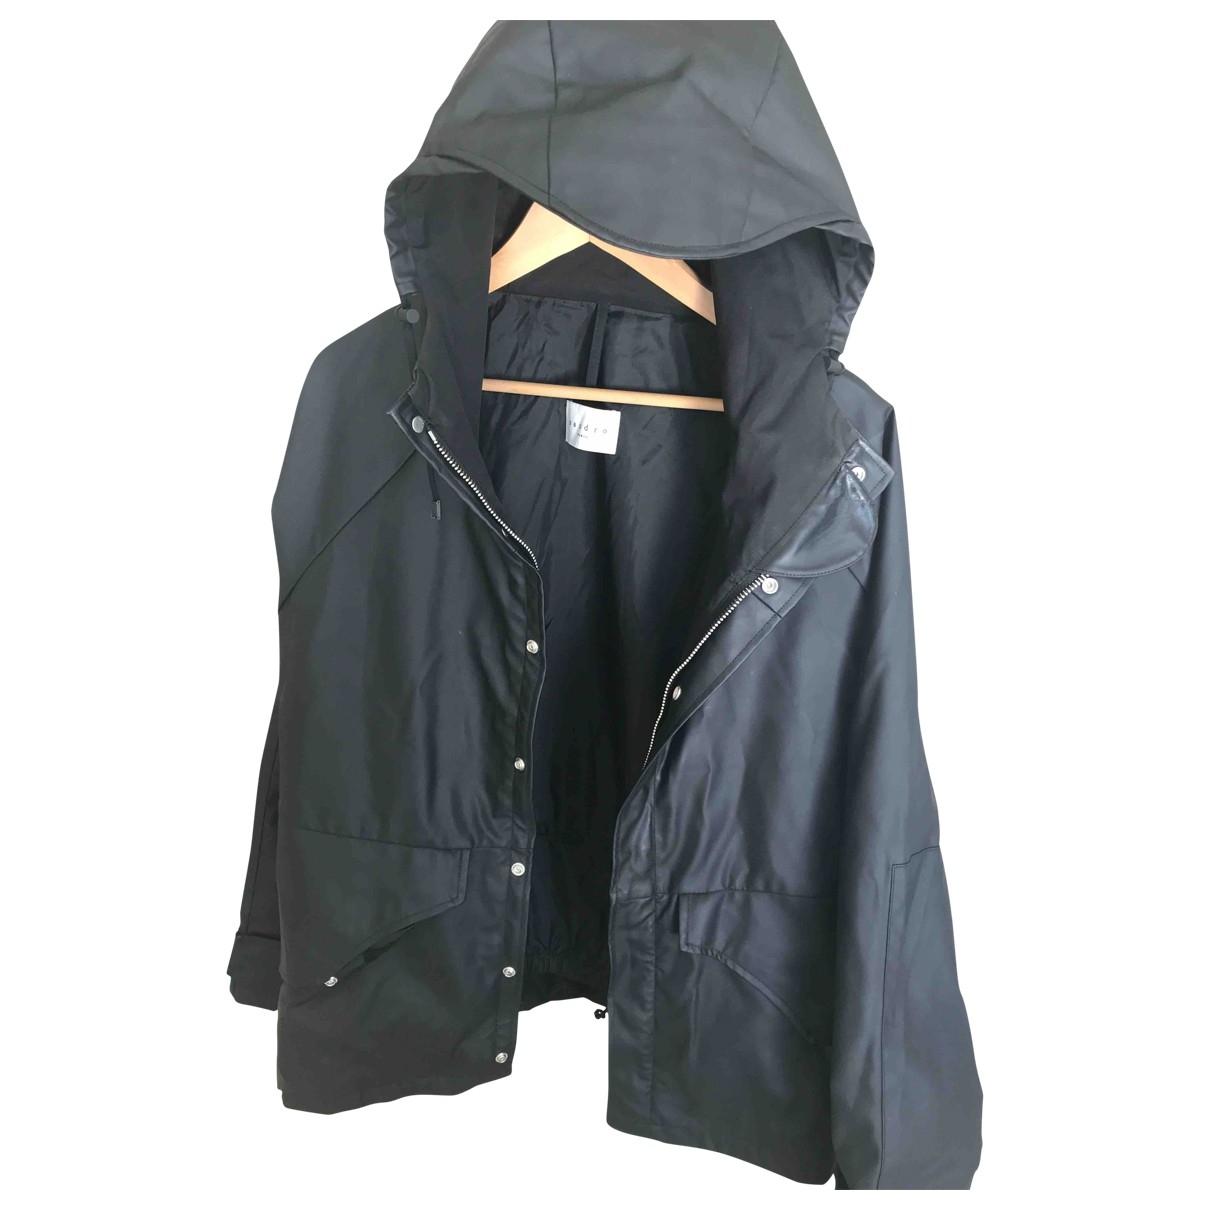 Sandro \N Black jacket  for Men M International